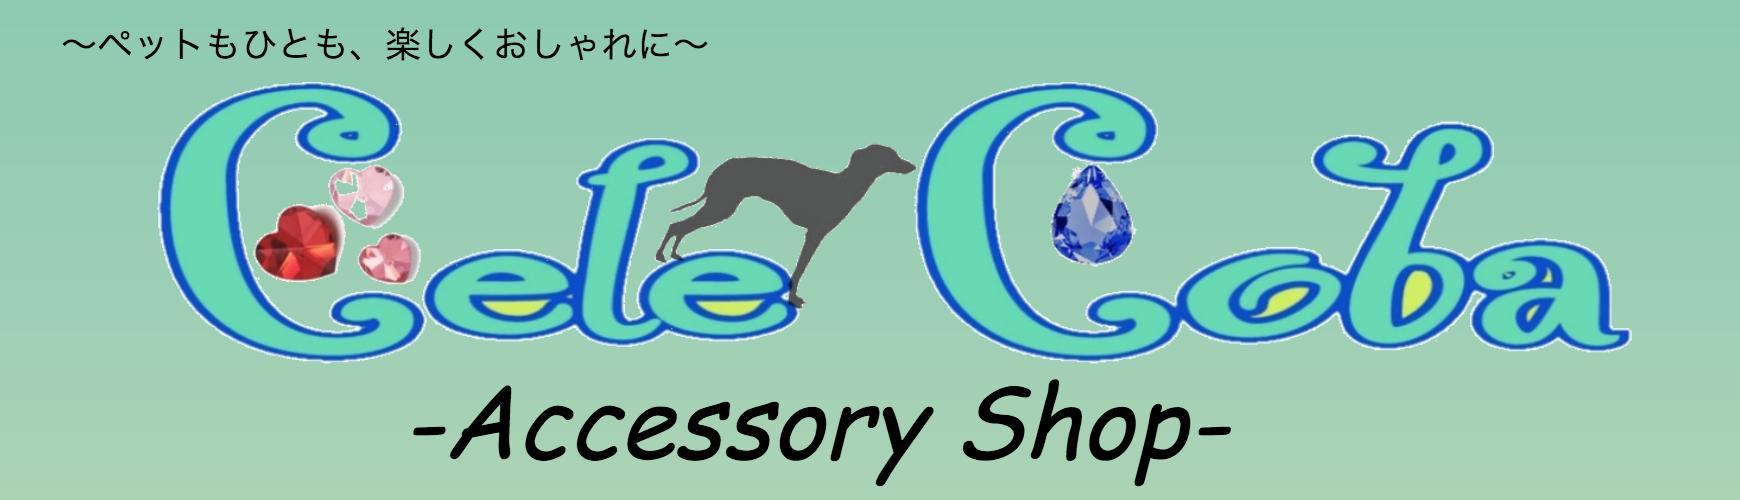 サイトハウンドフェス Cele*Coba -Accessory Shop